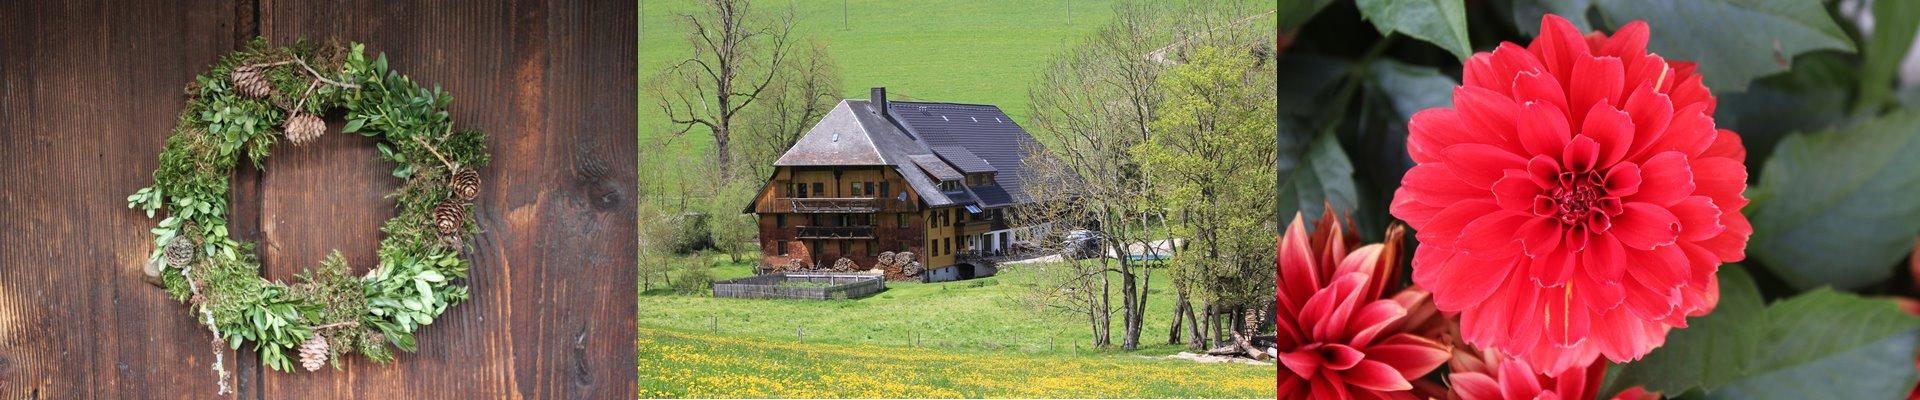 Griesbachhof Slider: Collage aus Herbstkranz + Griesbachhof im Löwenzahn + tiefroter Gartenblume